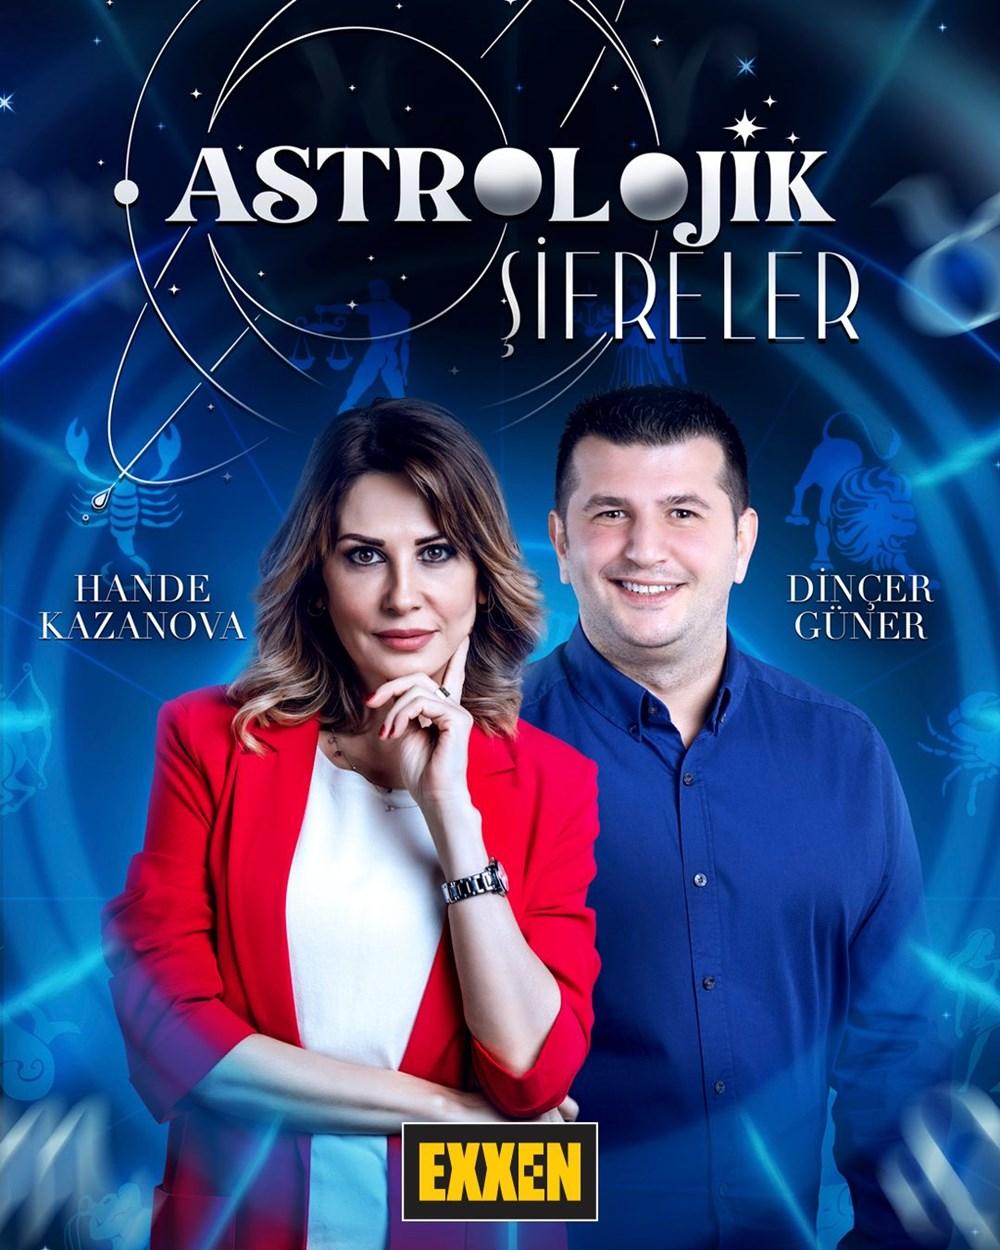 astrolojik şifreler exxen